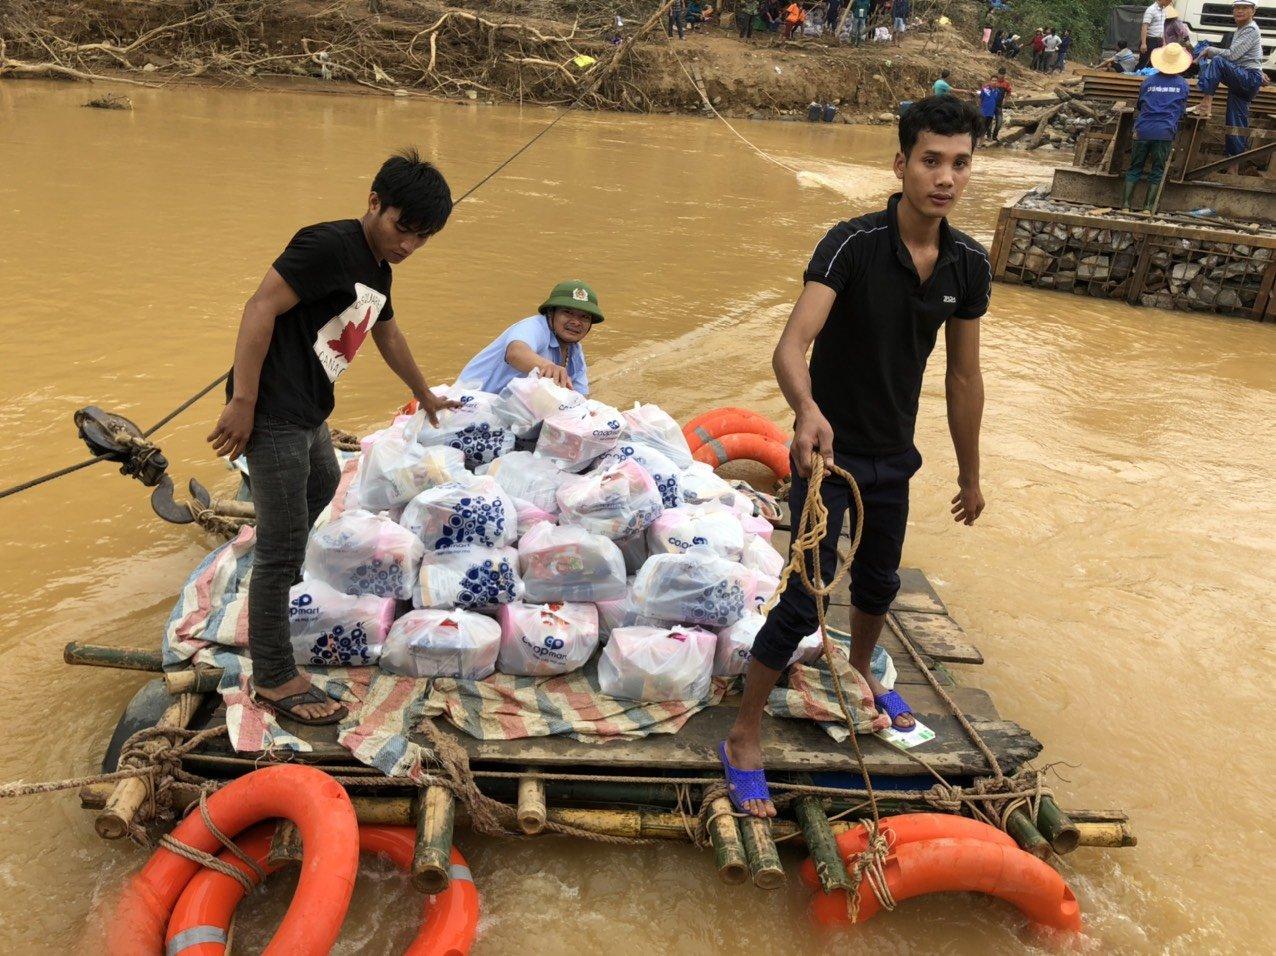 4- Vượt qua khó khăn để trao quà cho người dân vùng lũ khi nước chưa rút